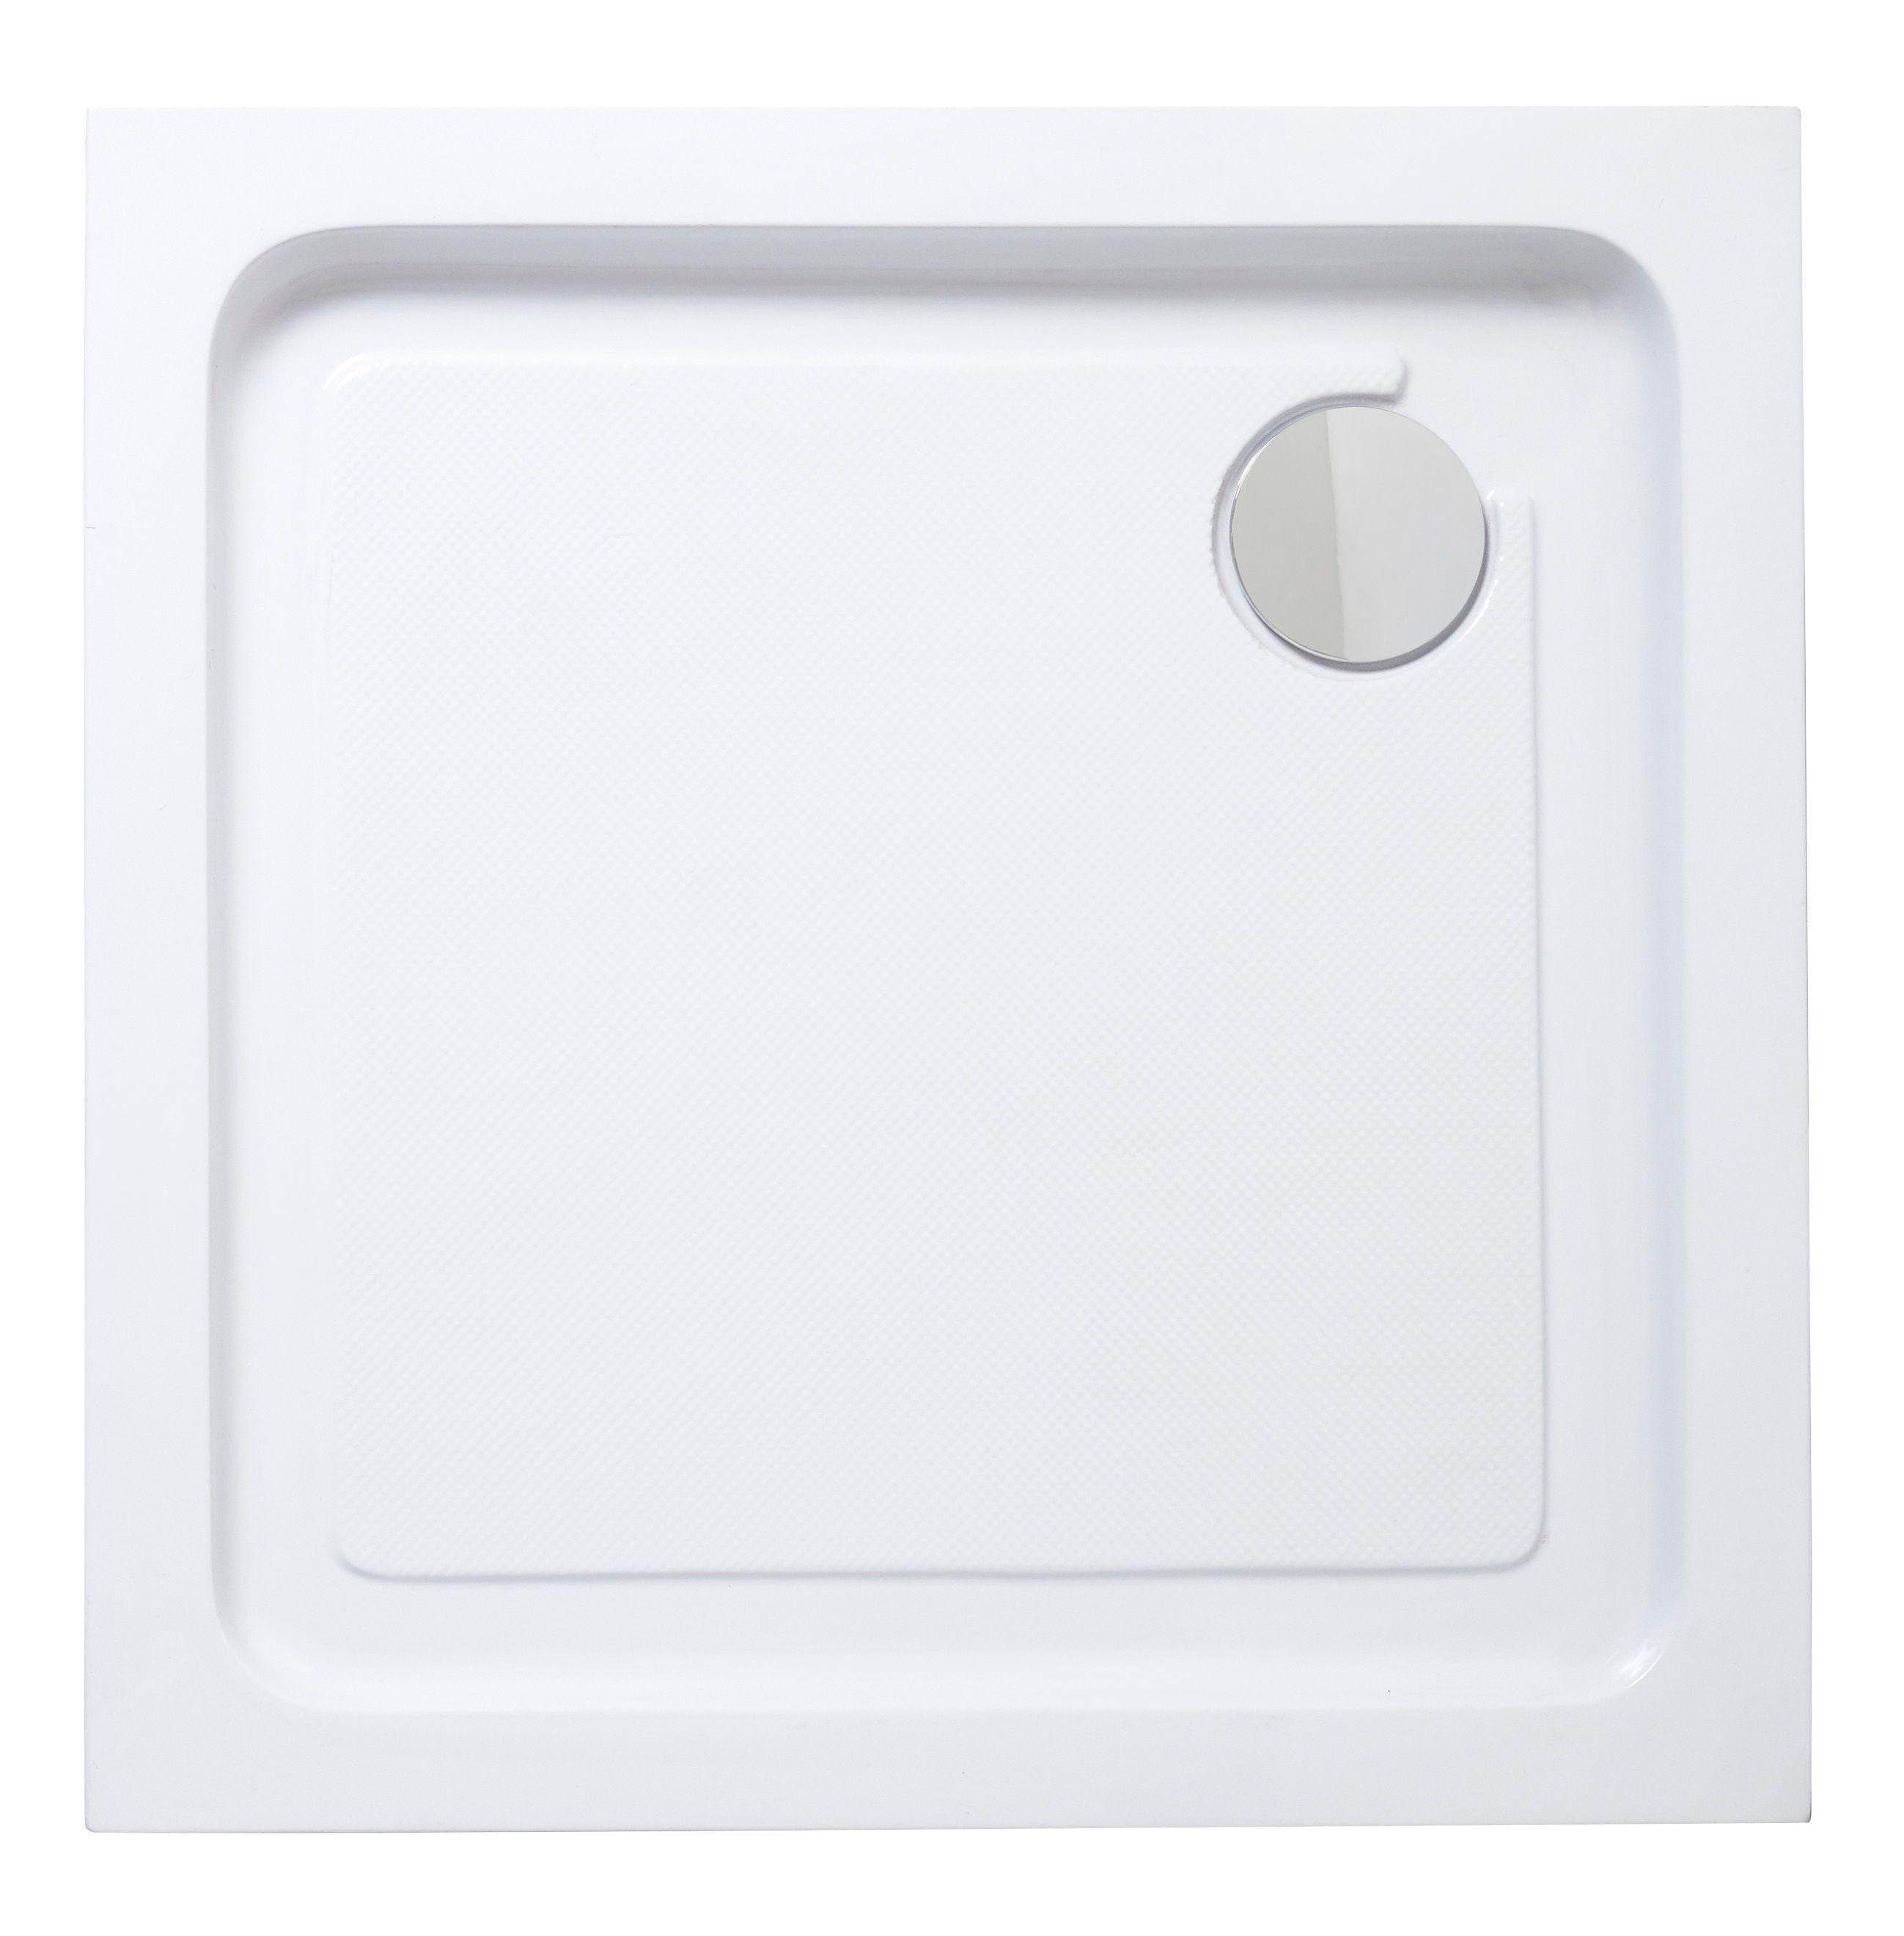 Cooke Lewis Lagan Square Shower Tray L 900mm W 900mm D 150mmwhite Carre Blanc Castorama Et Receveur